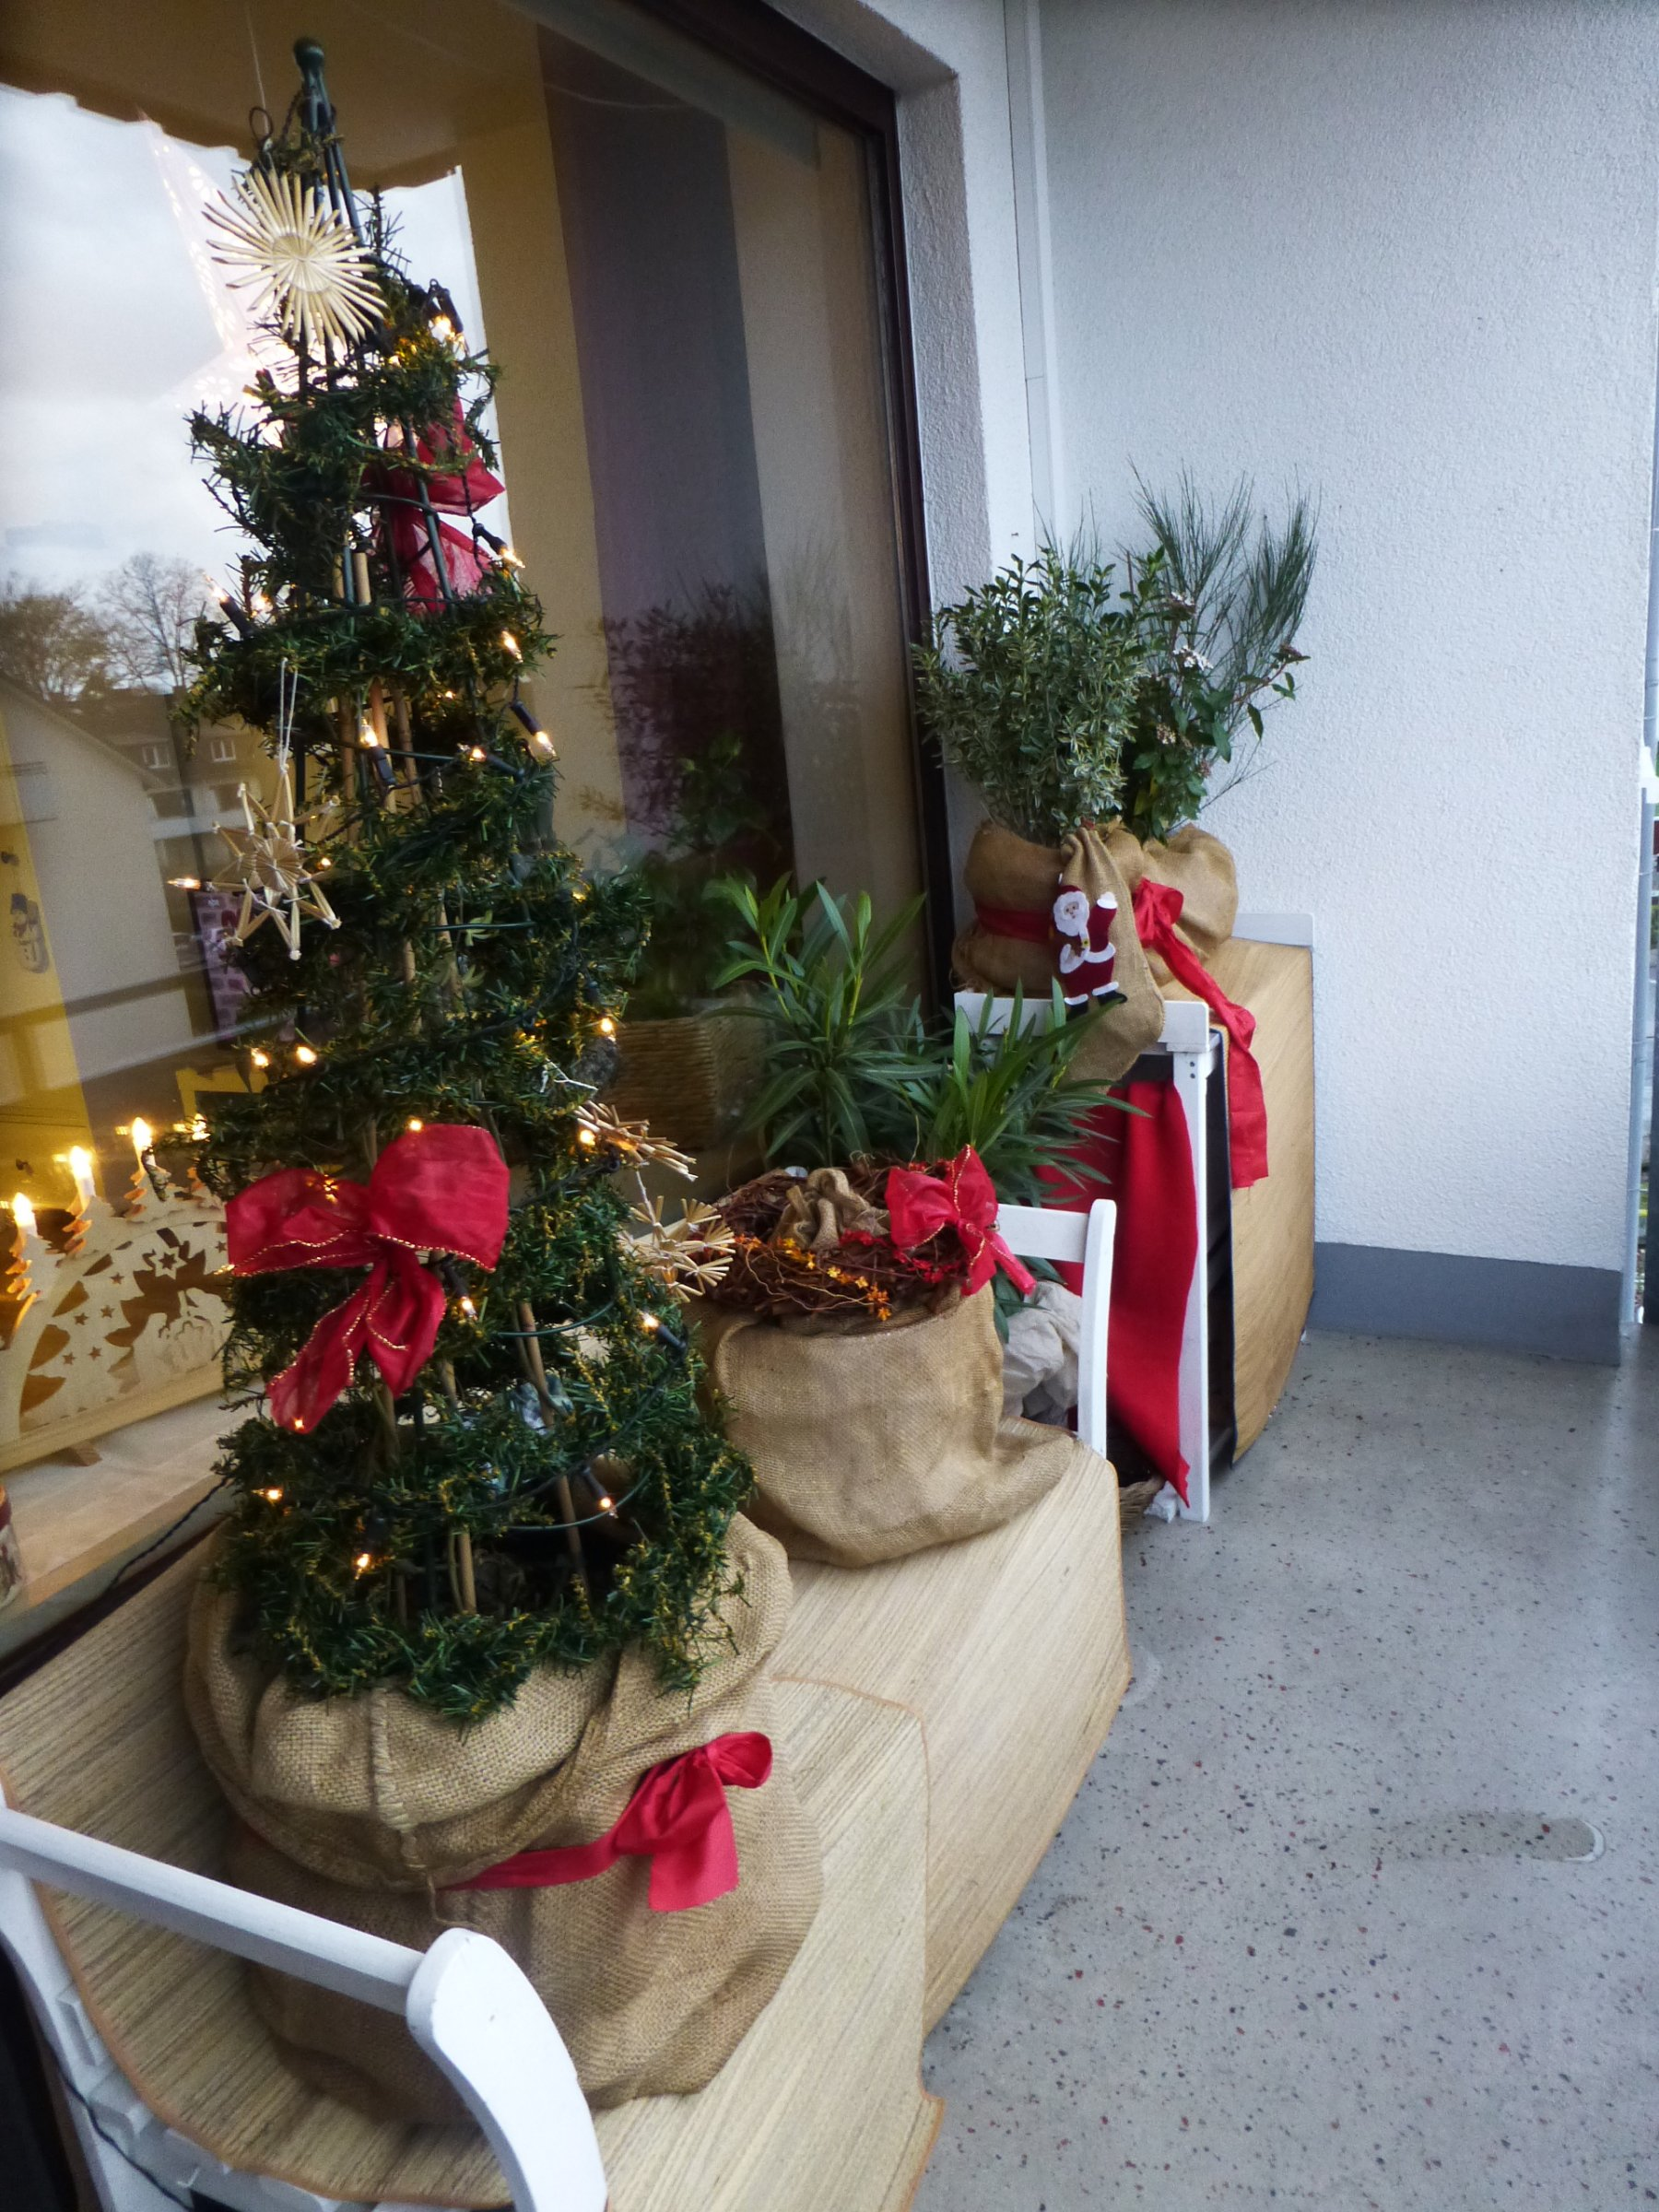 Weihnachtsdeko Für Balkongeländer.Weihnachtsdeko Meeresbrise Von Seestern 36182 Zimmerschau